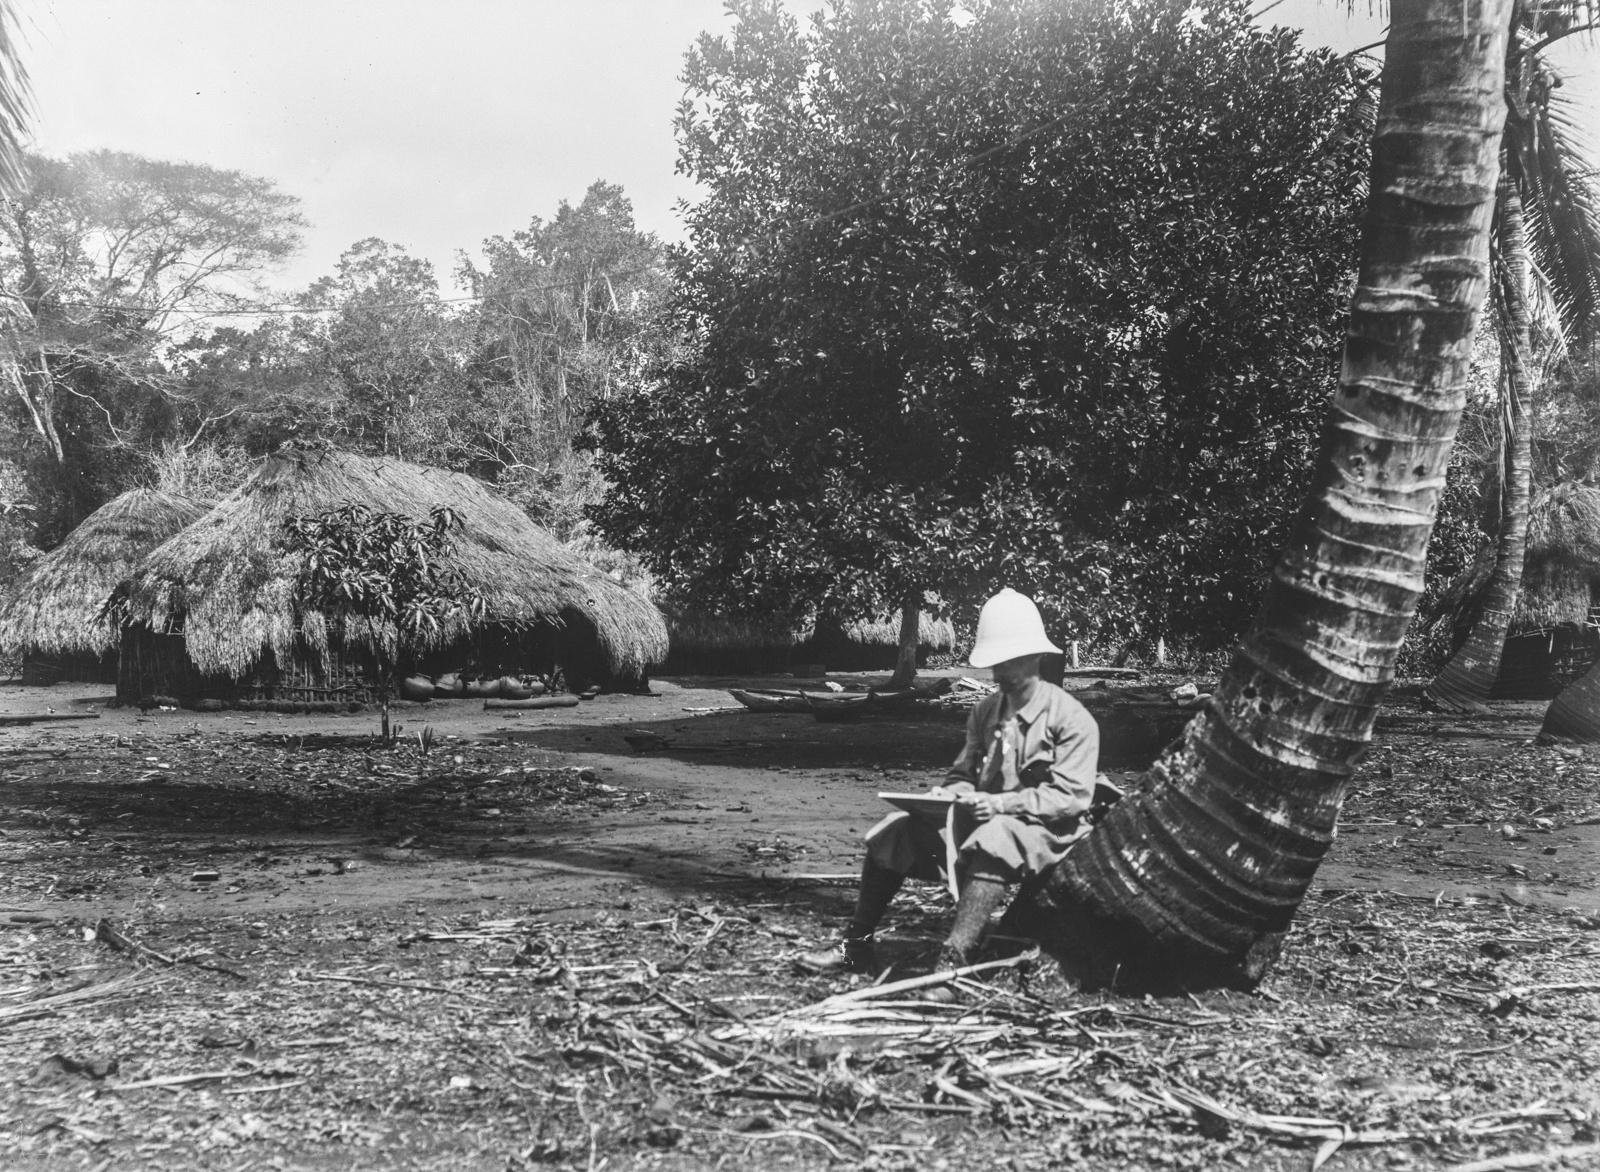 248. Один из исследователей сидит на стволе дерева